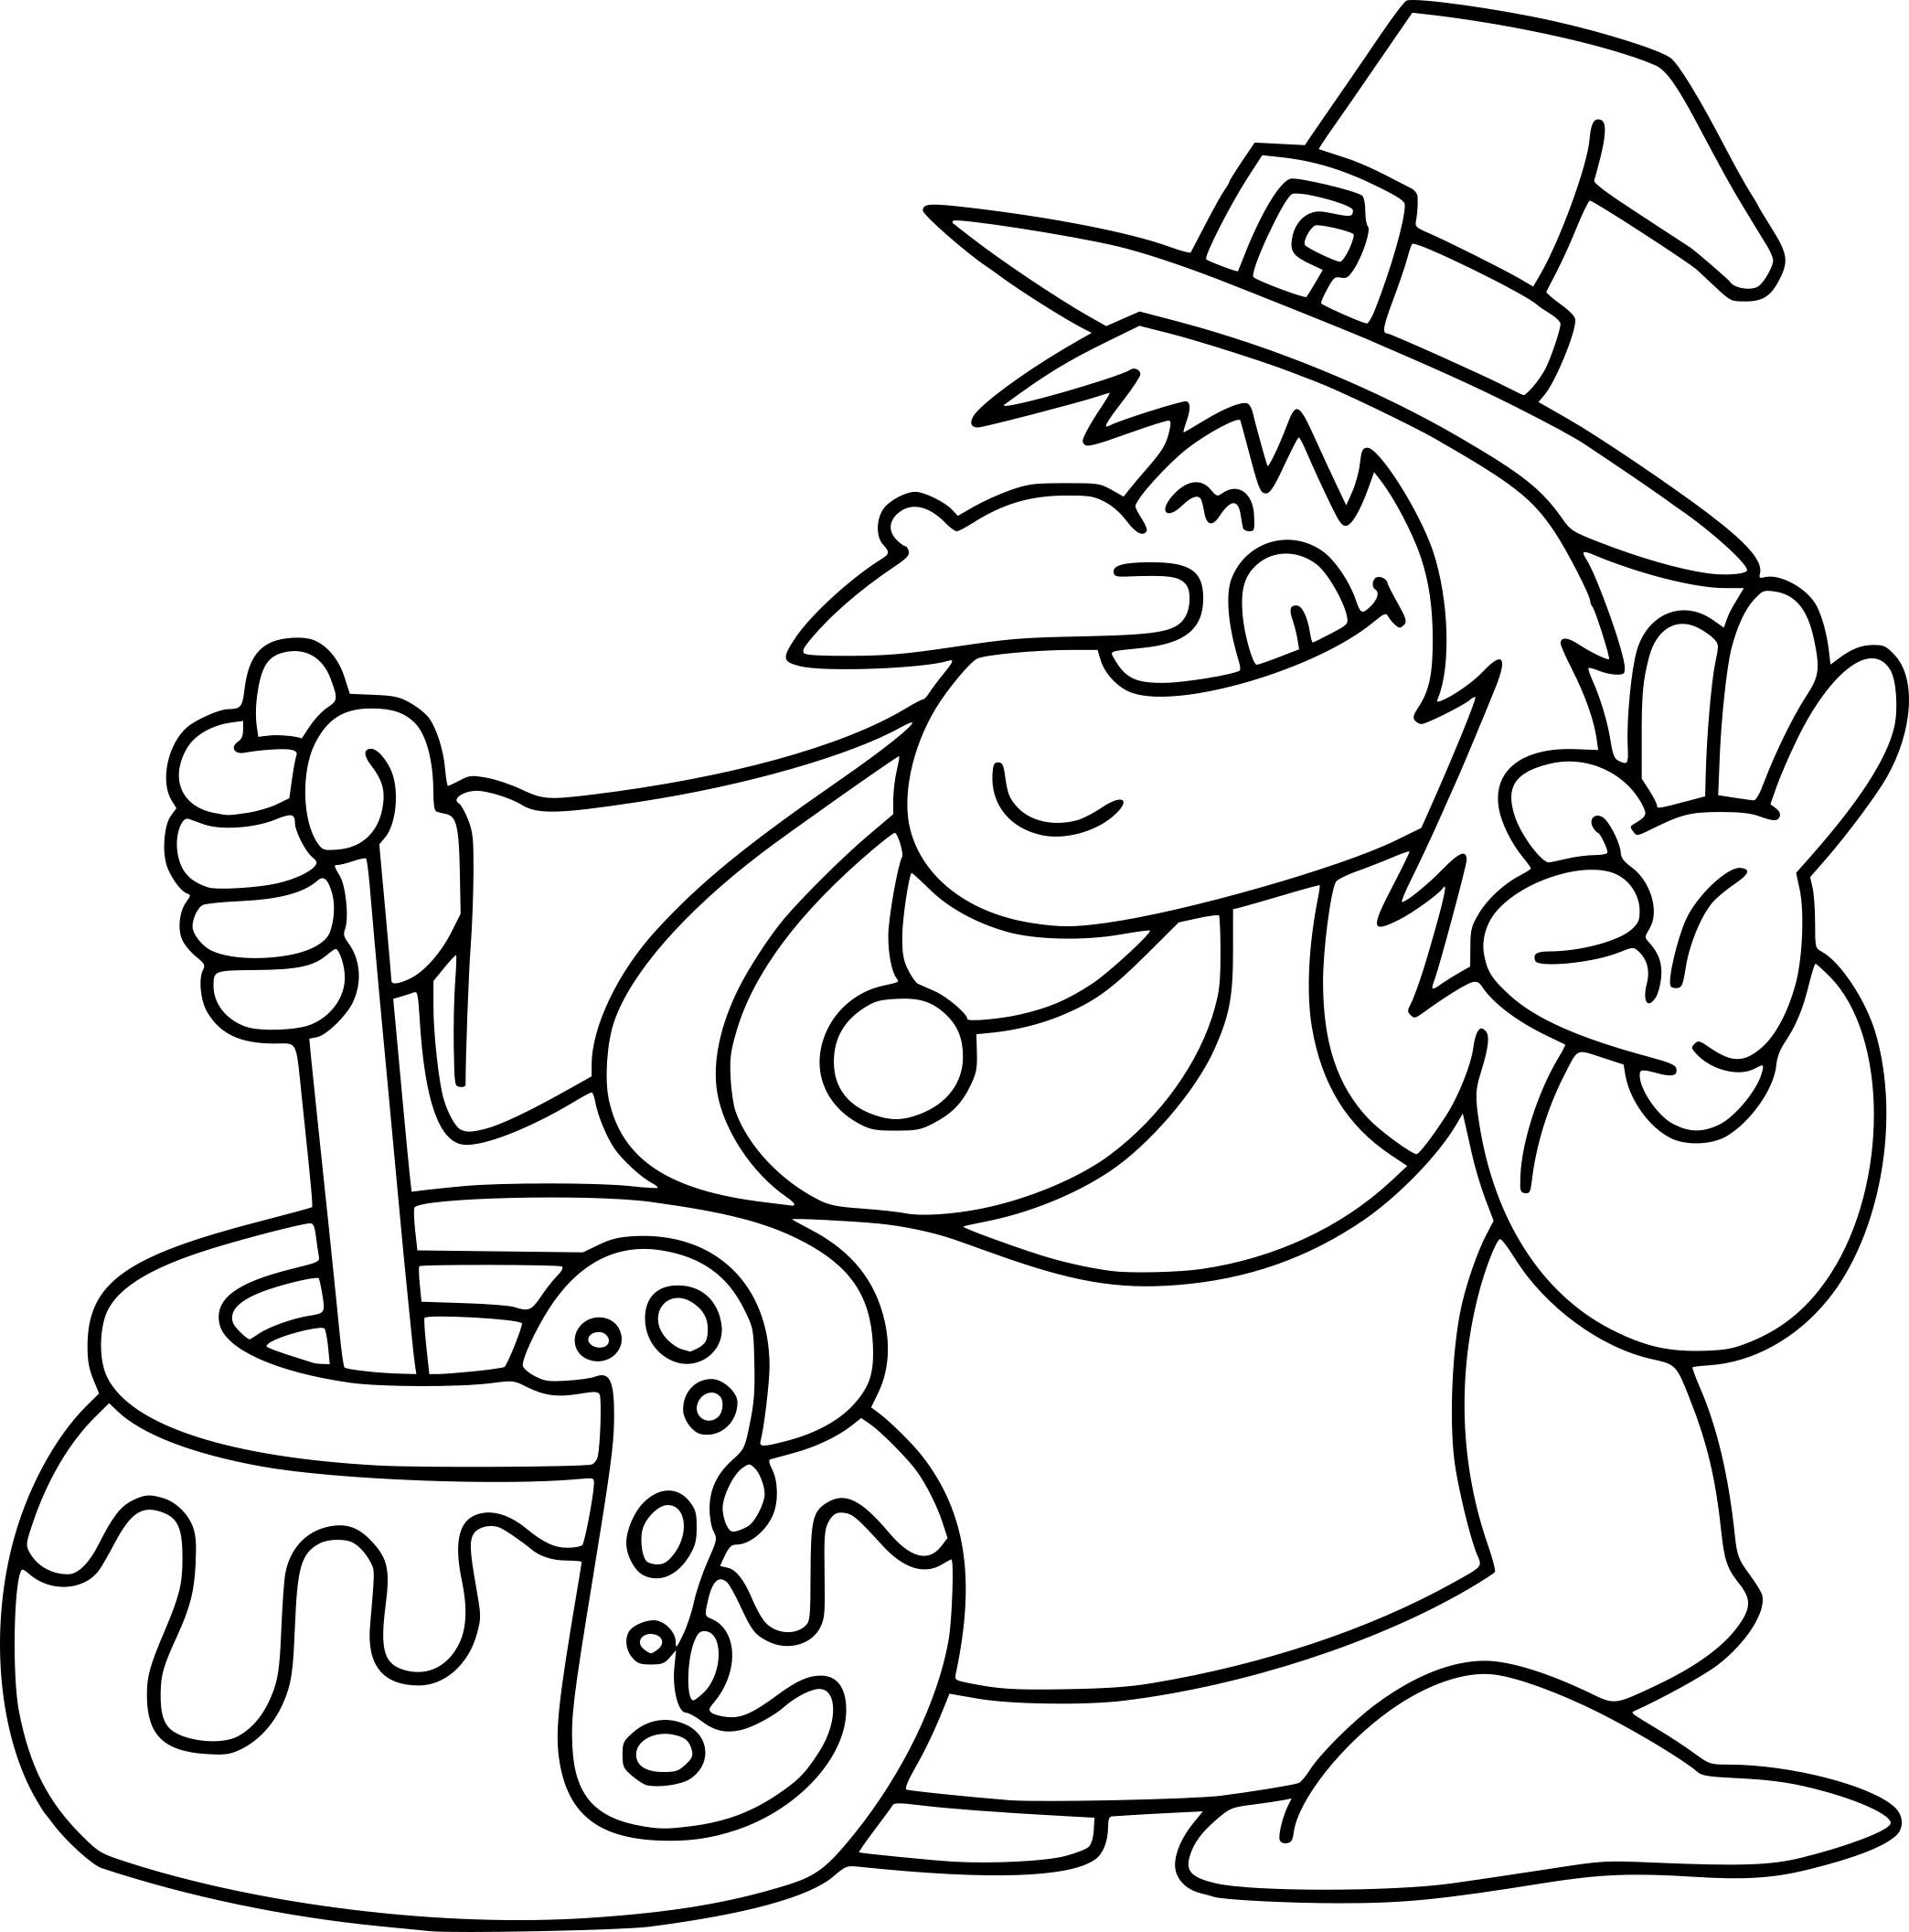 Coloriage marmite de sorciere imprimer - Le jeux de la sorciere qui fait peur ...